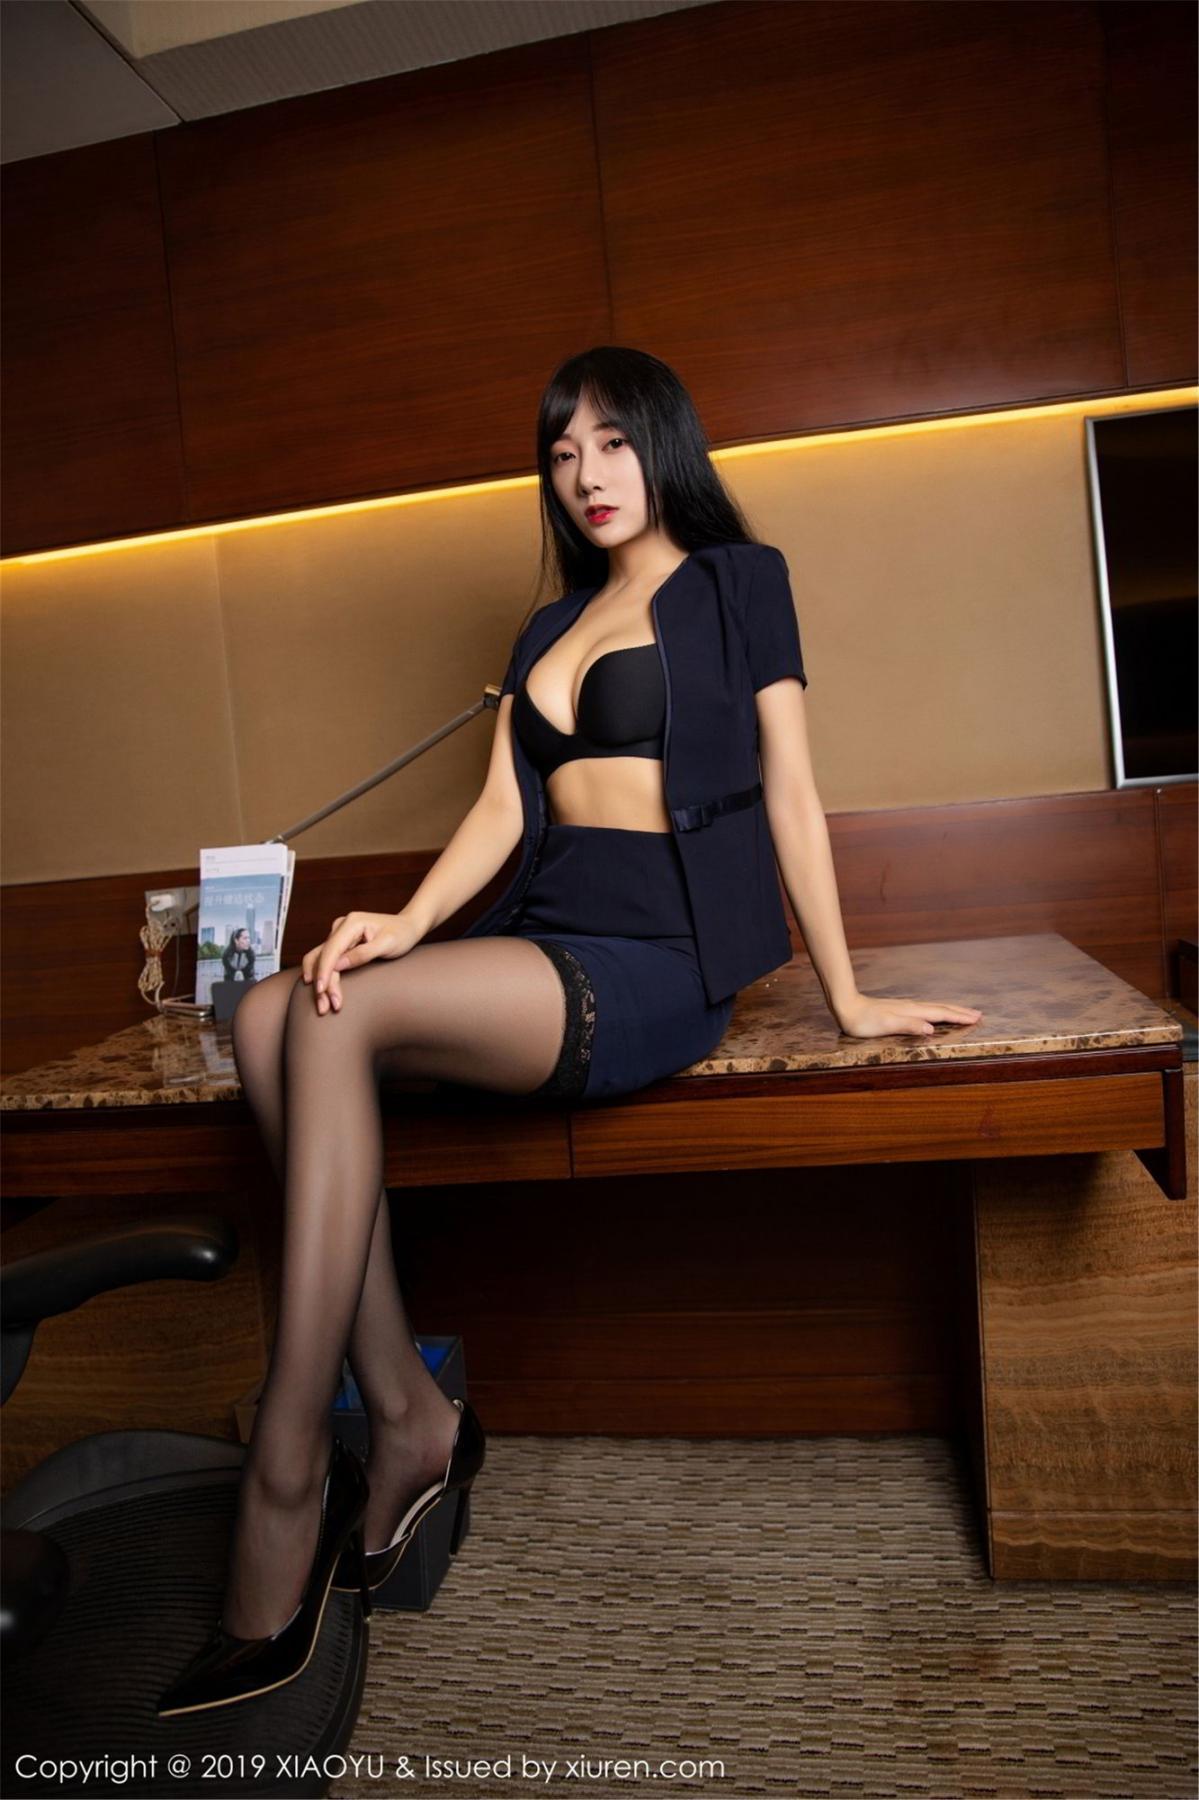 [XiaoYu] Vol.068 He Jia Ying 32P, Black Silk, He Jia Ying, Uniform, XiaoYu